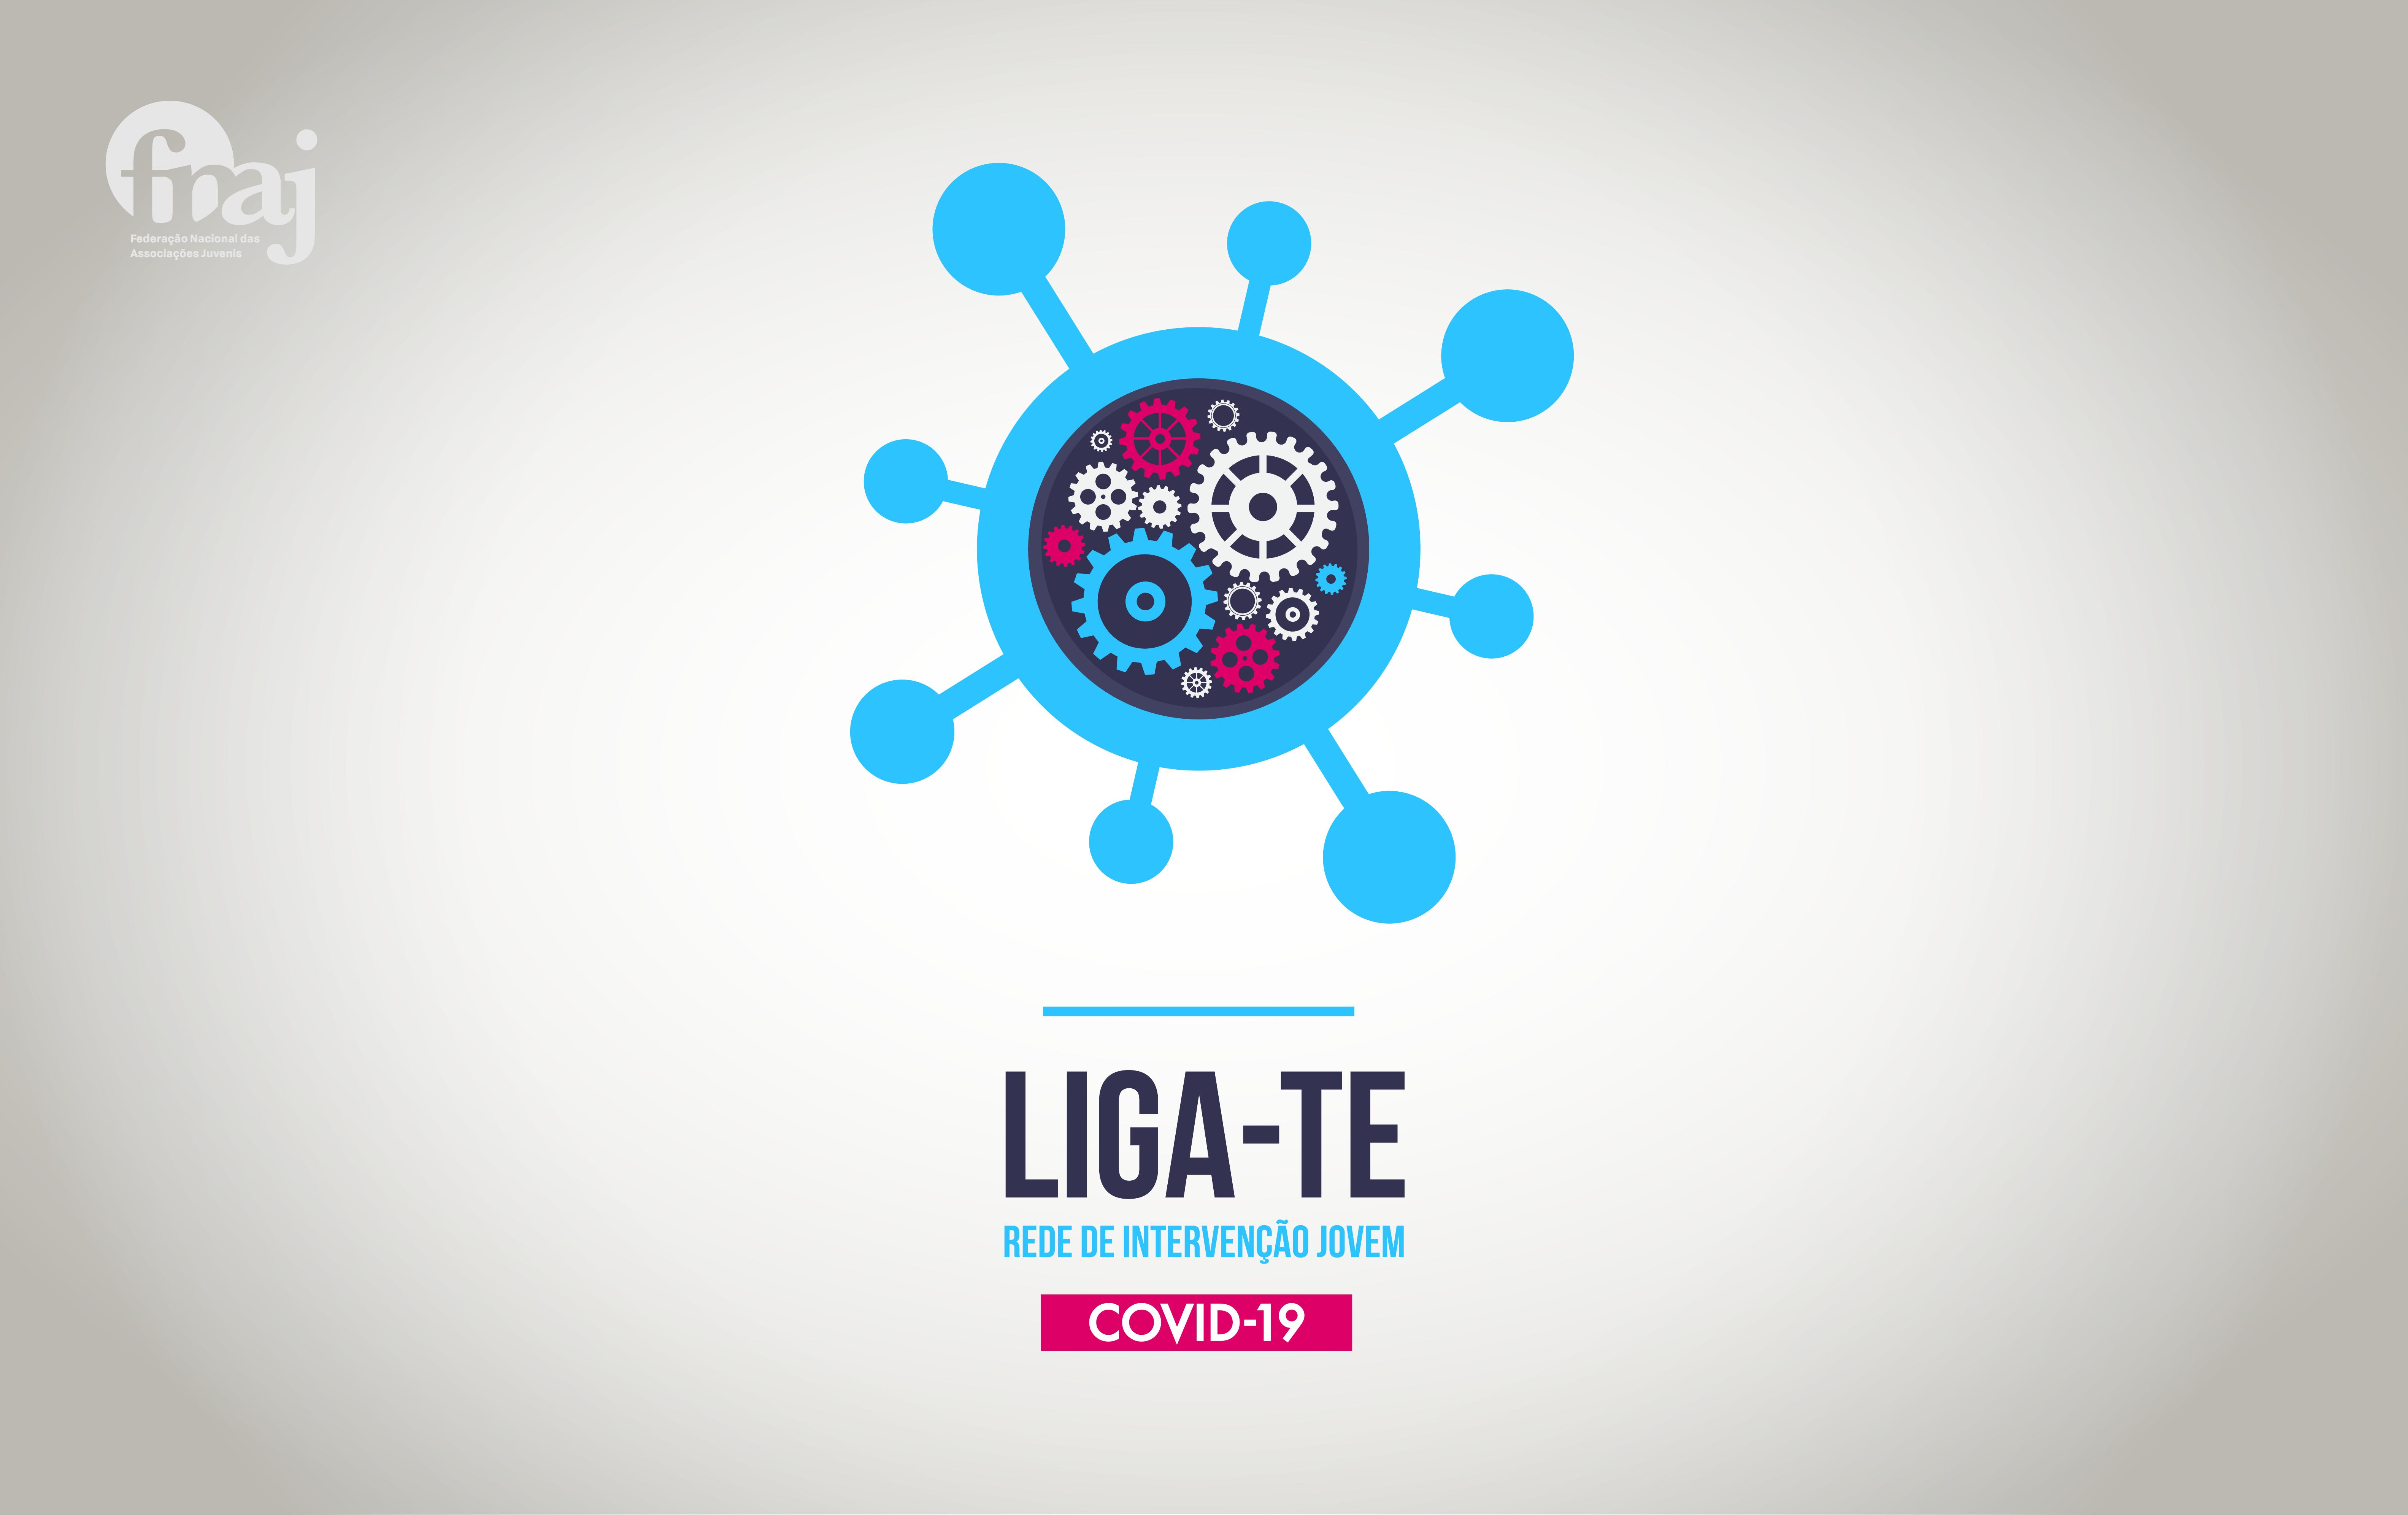 LIGA-TE | Plataforma inovadora estimula o trabalho associativo juvenil em contexto de isolamento social